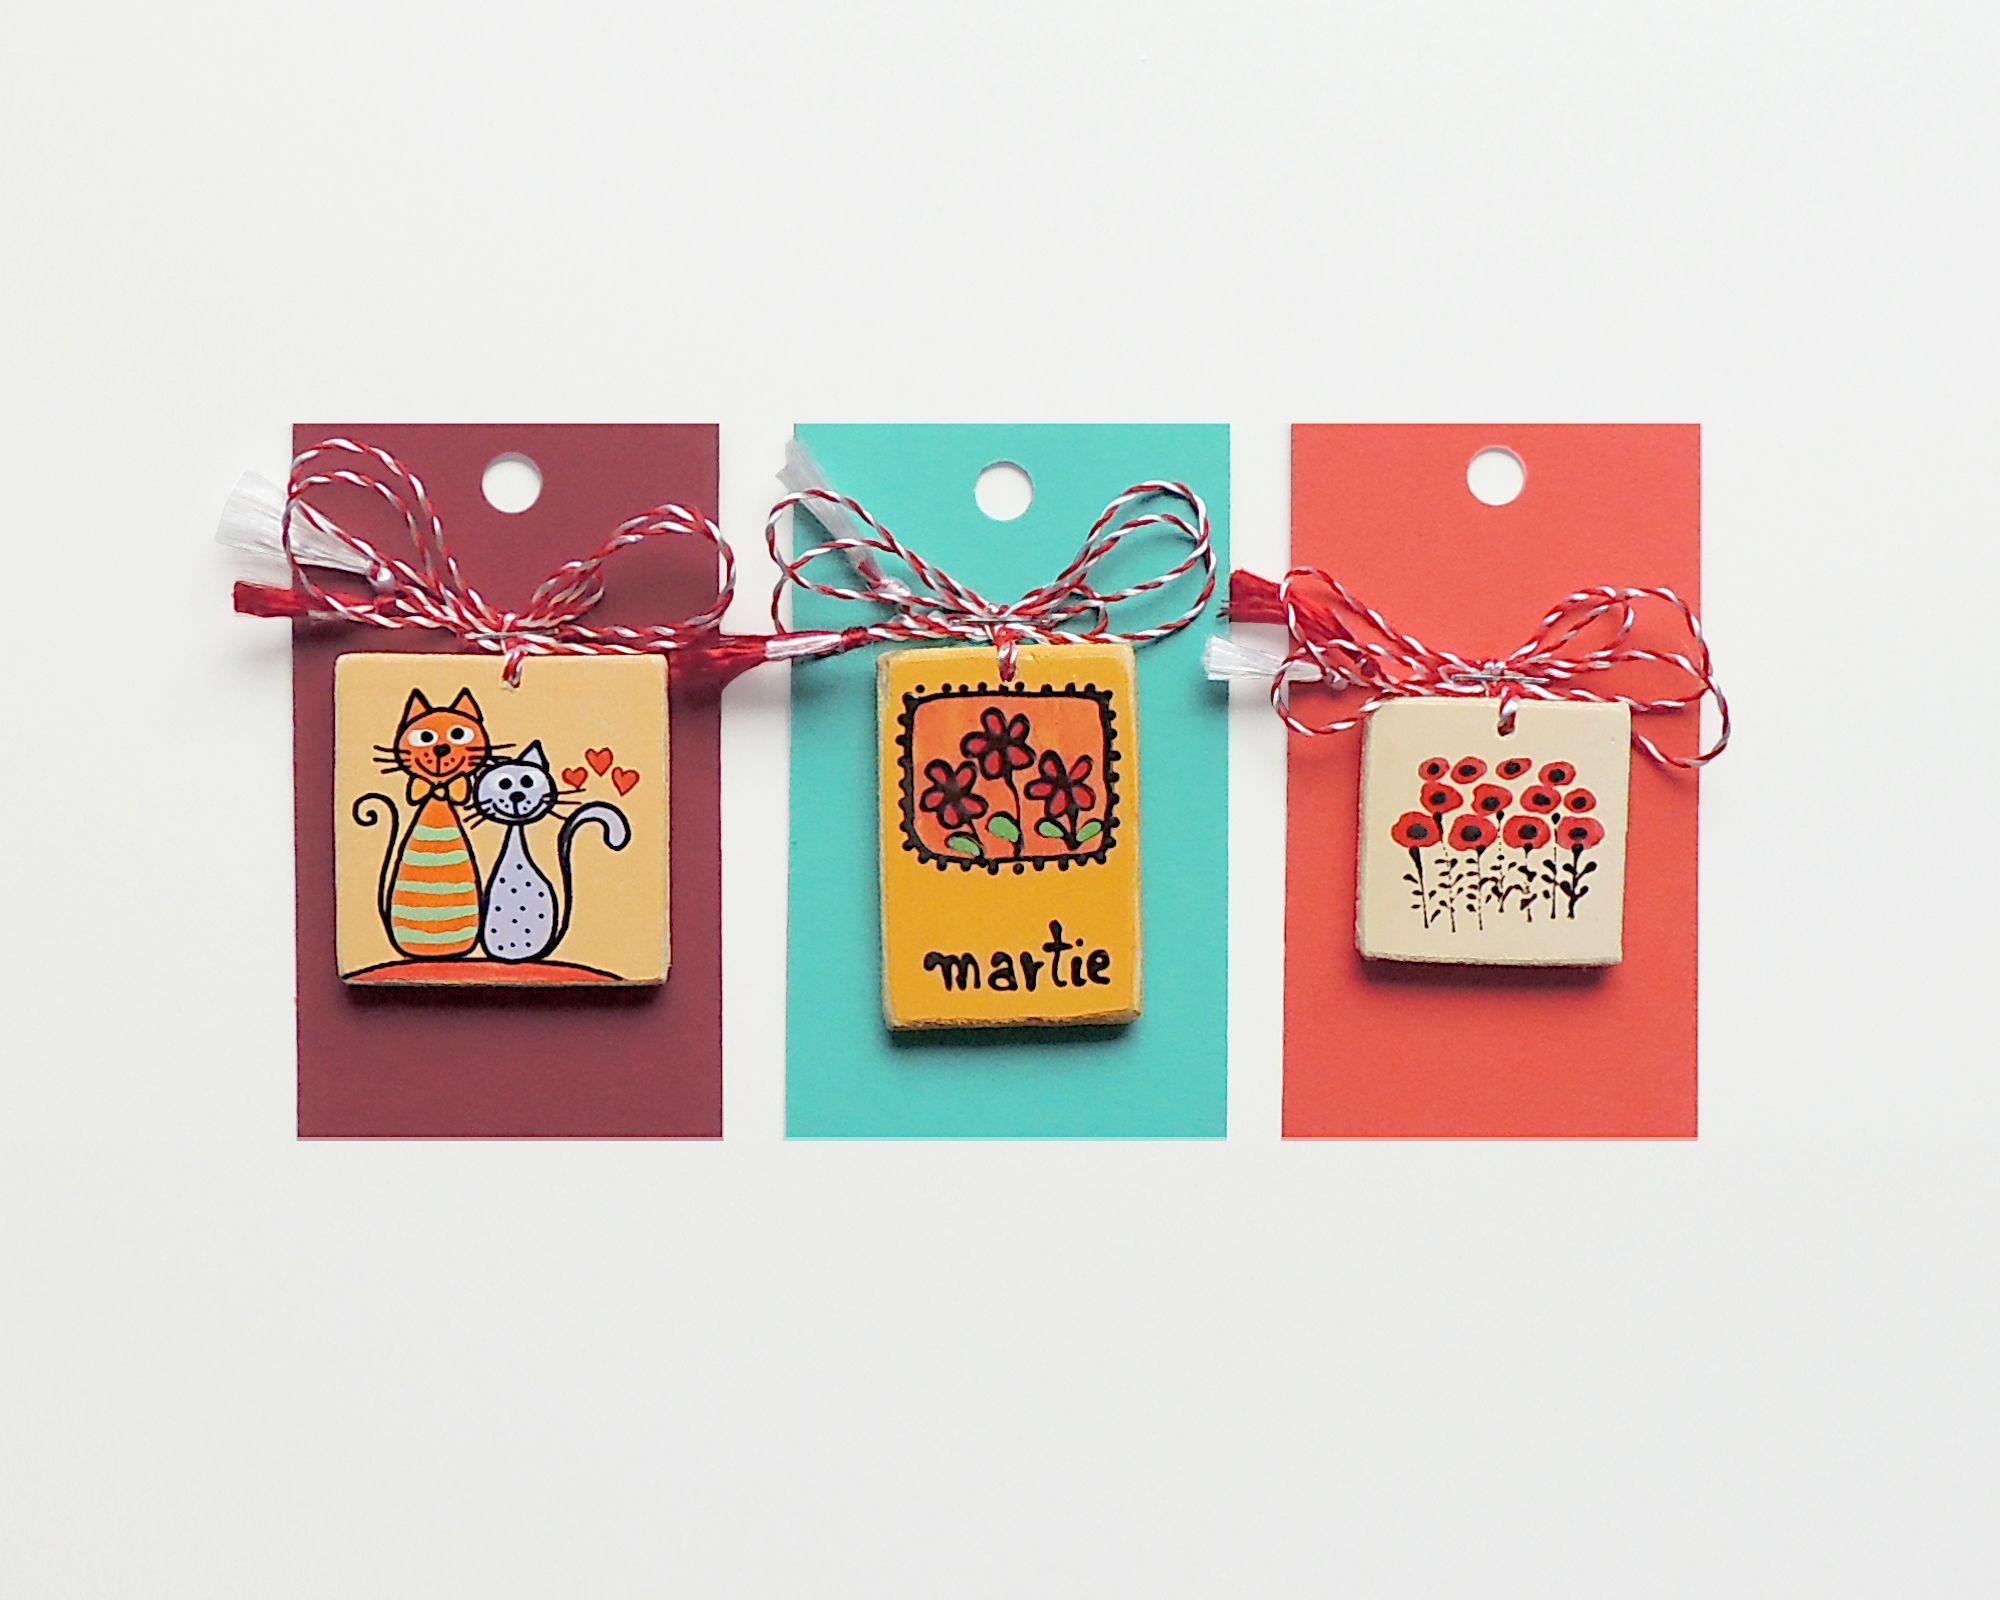 Martisoare handmade | martisoare | Pinterest